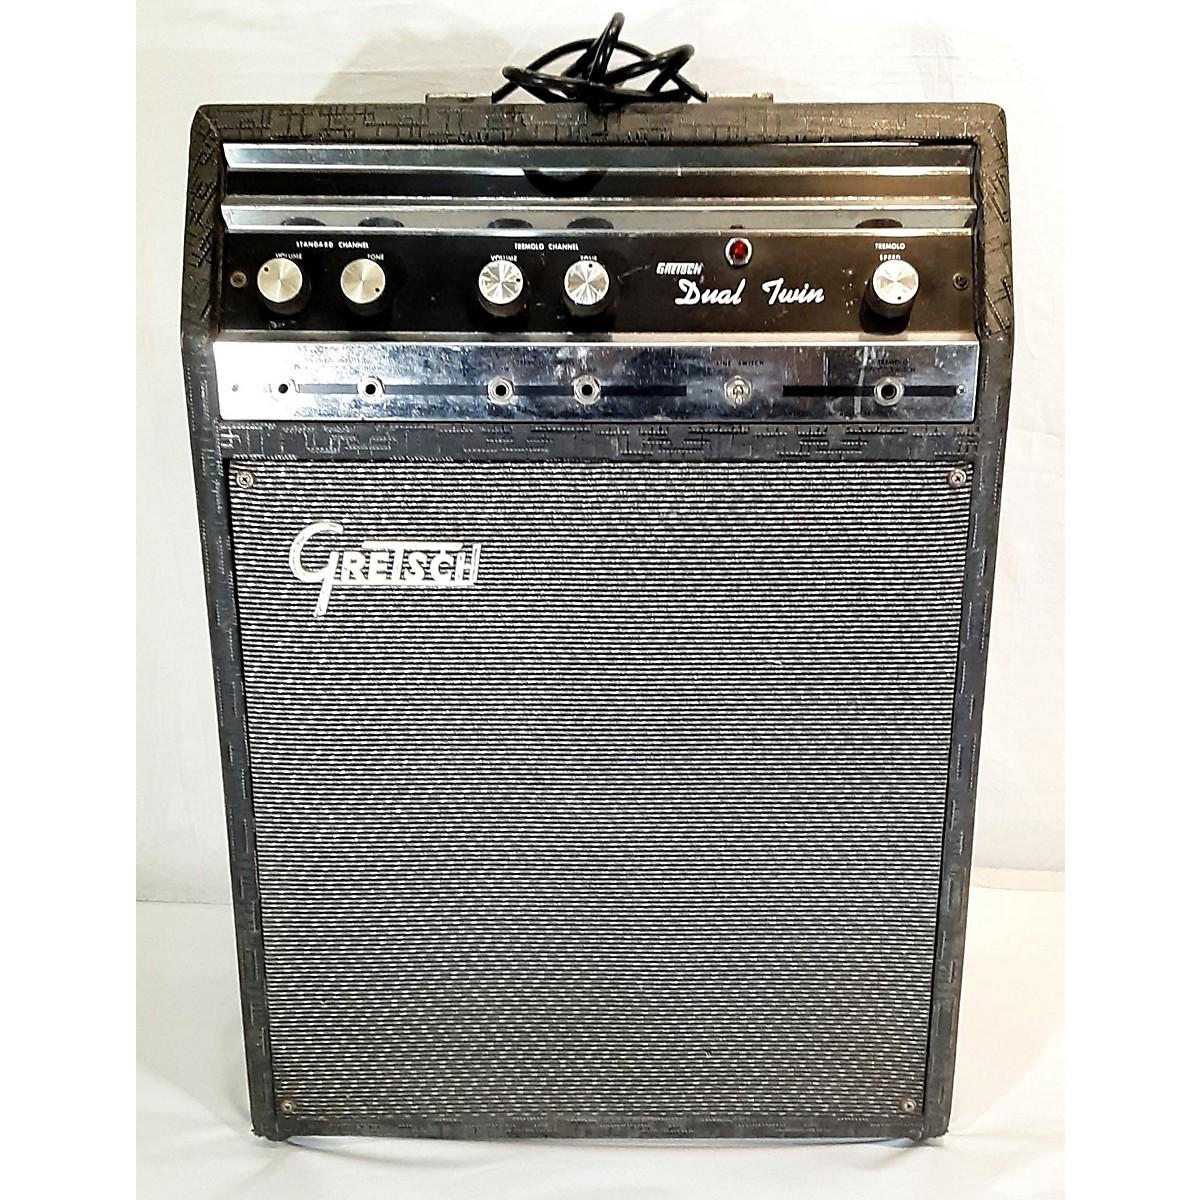 Gretsch Guitars 1960s 6161 Dual Twin